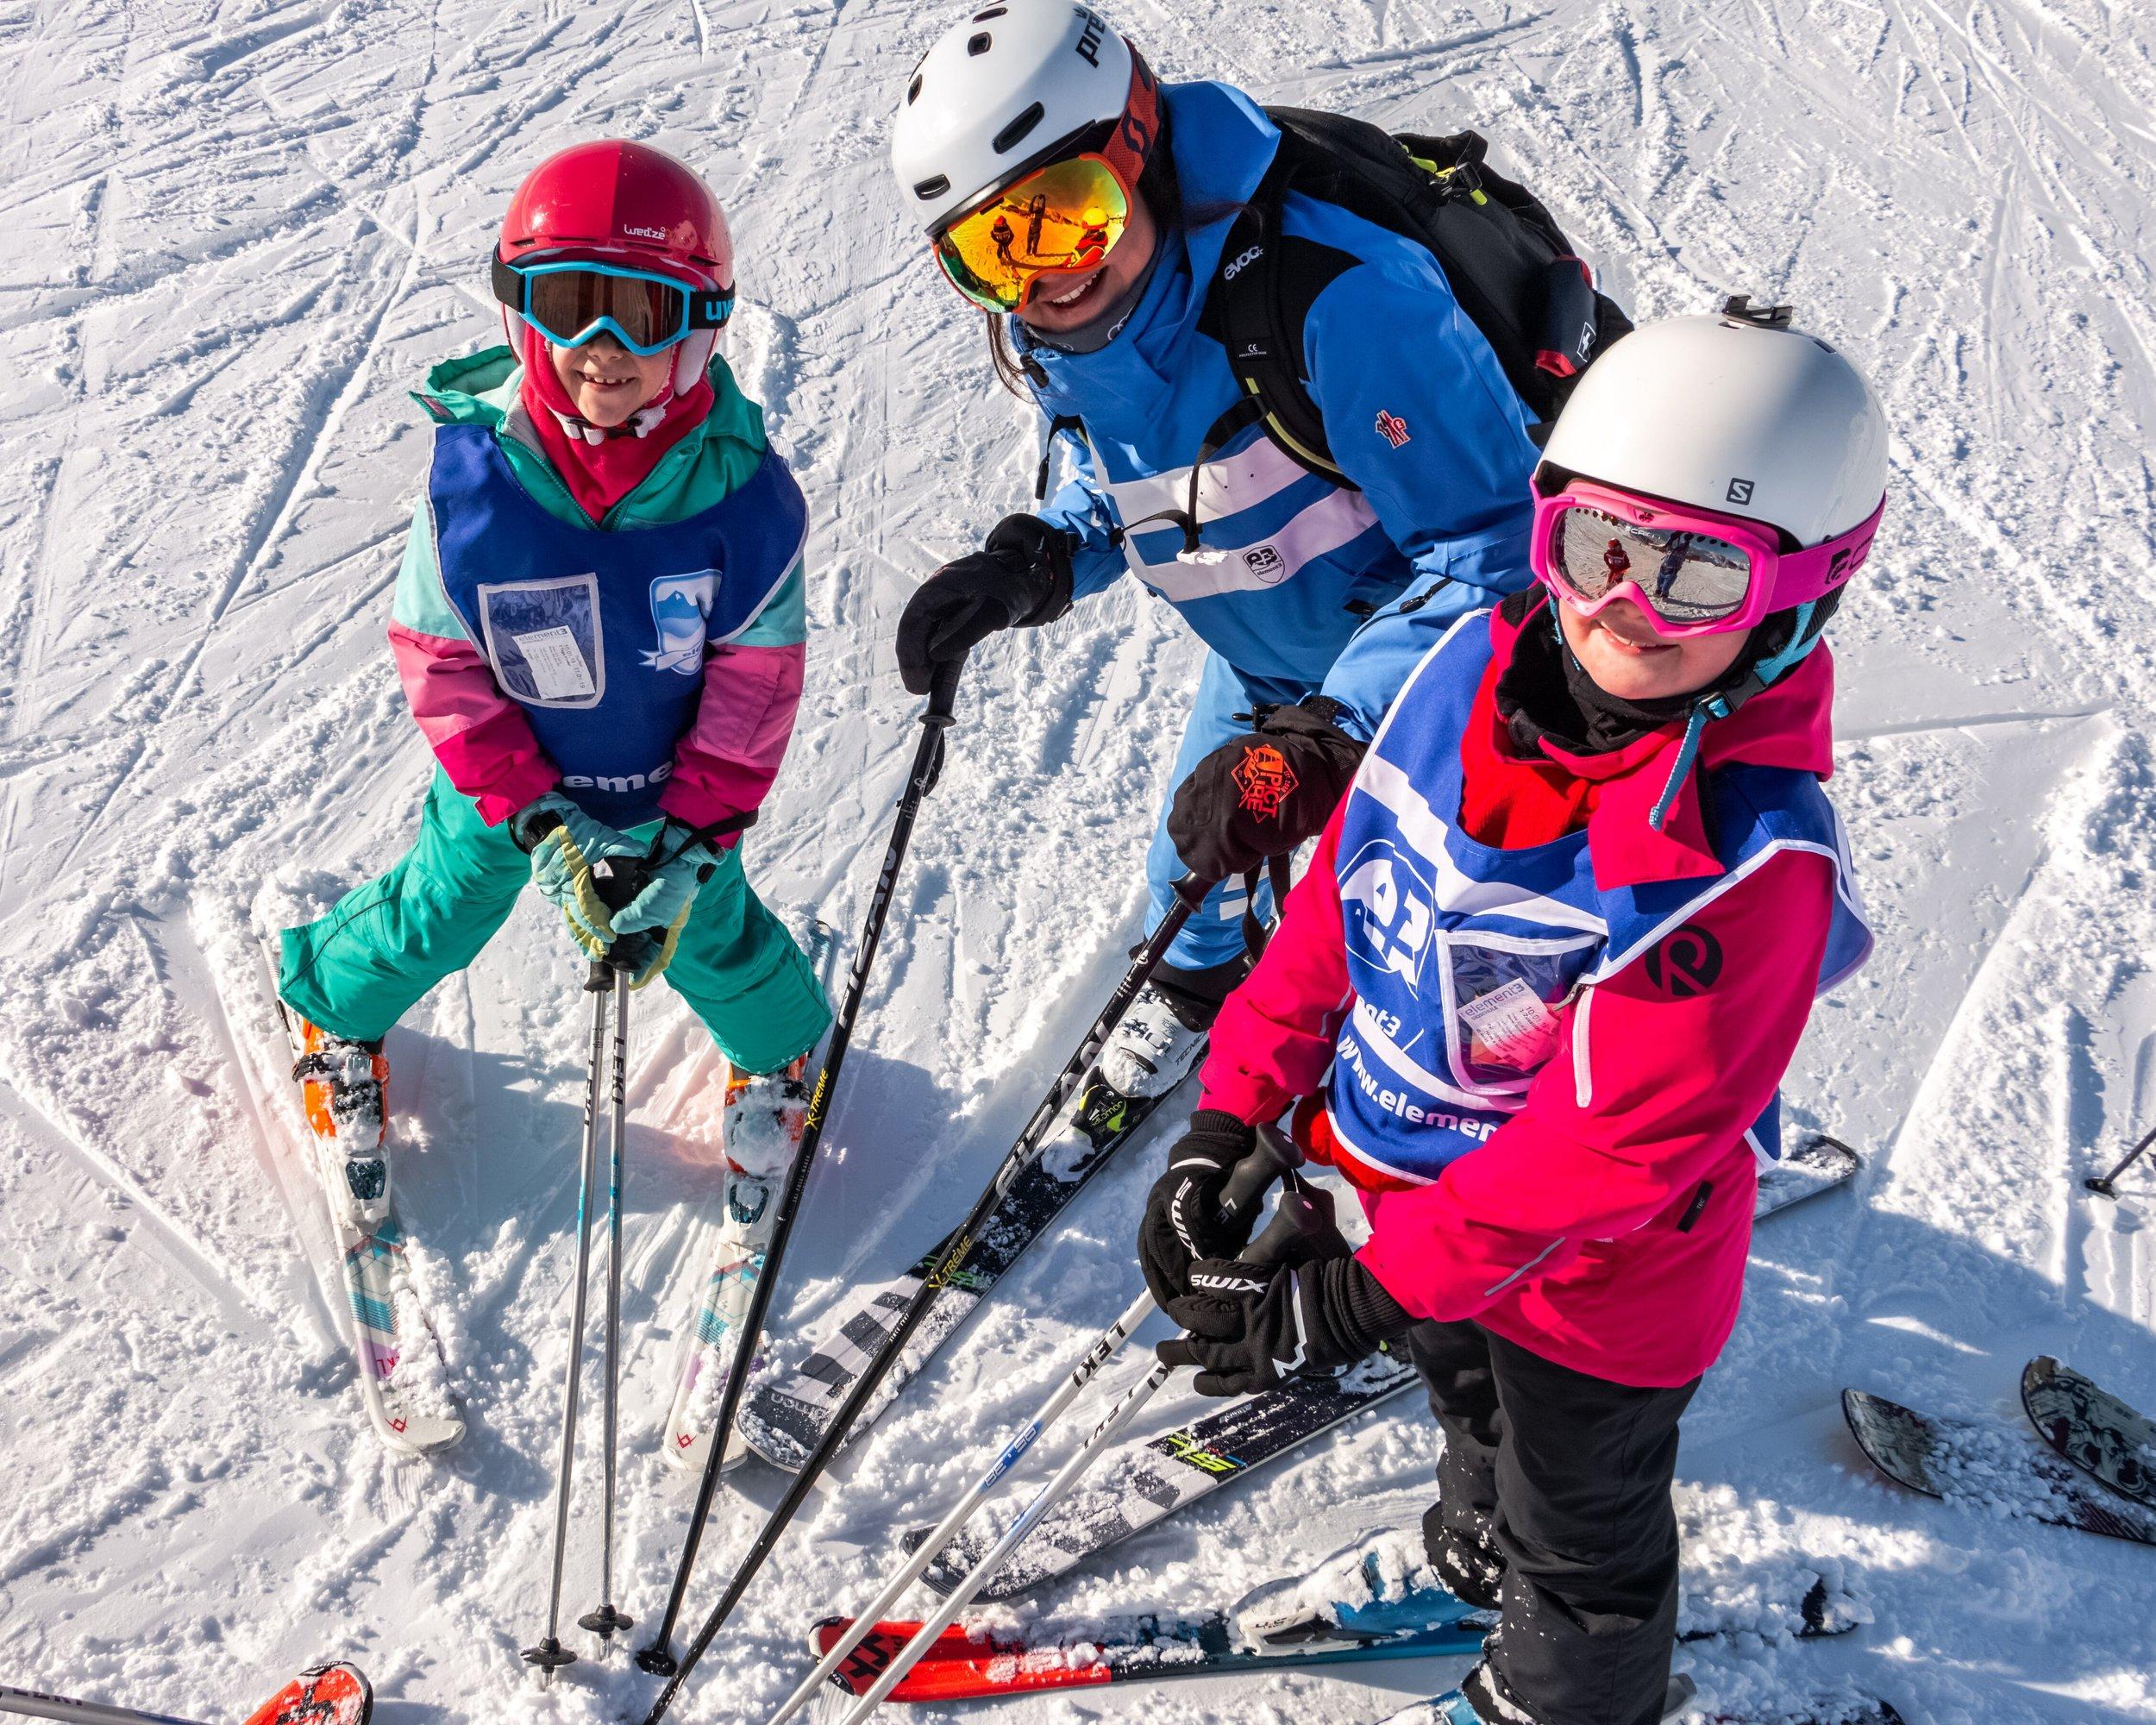 Lenka ski.jpeg